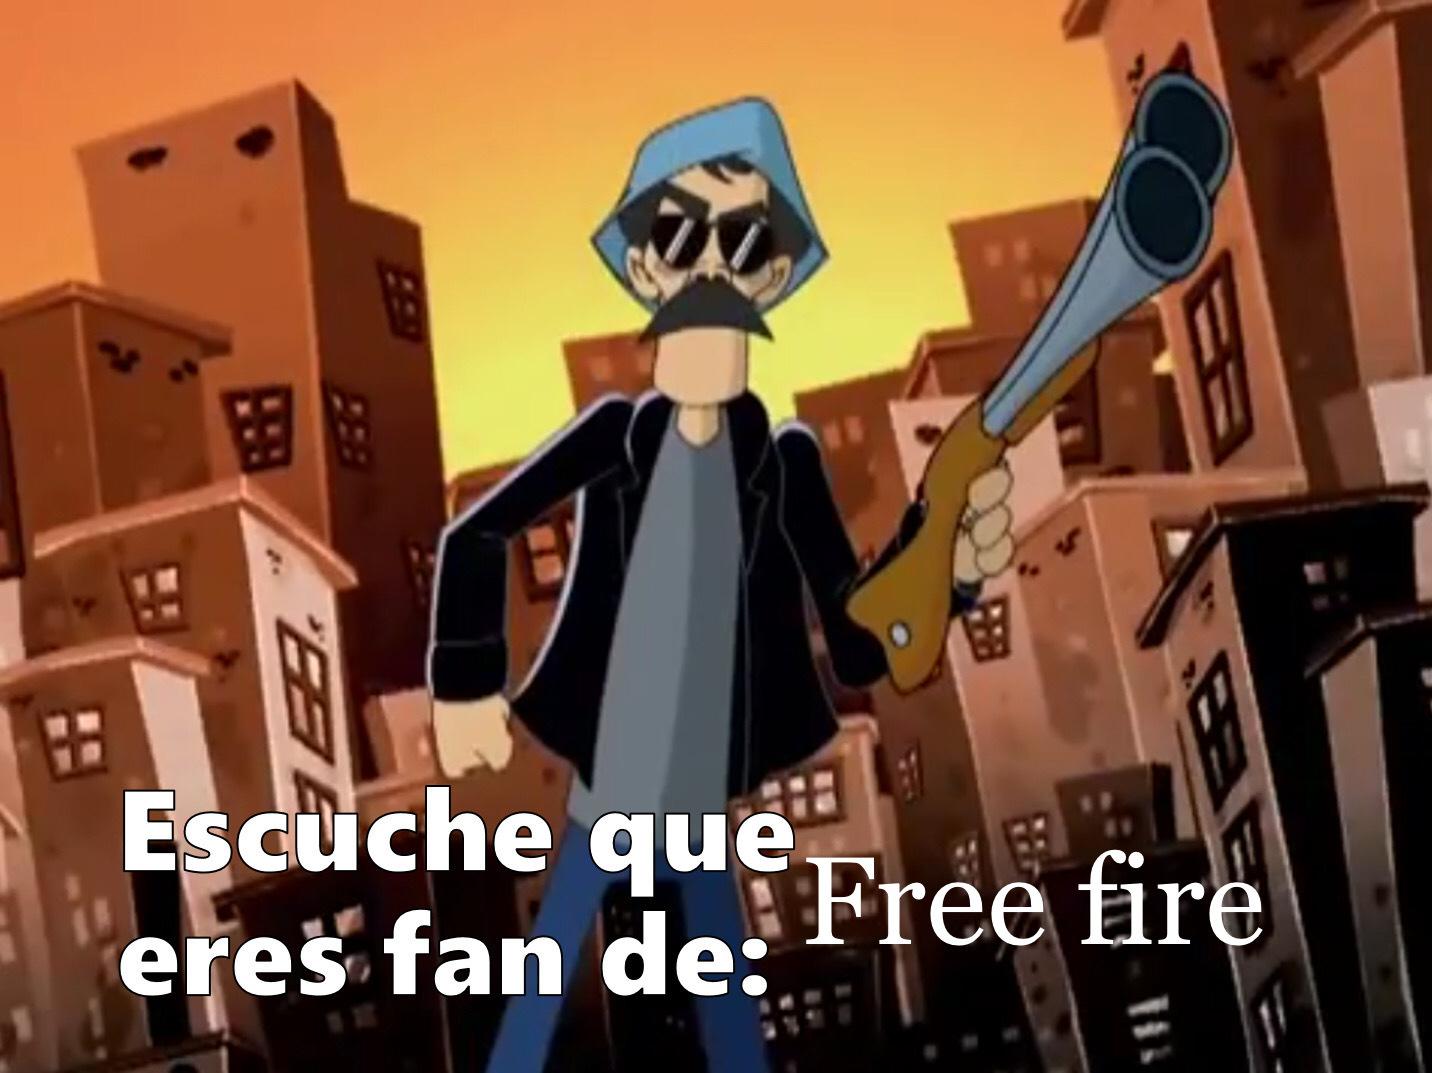 Free fire es una copia - meme